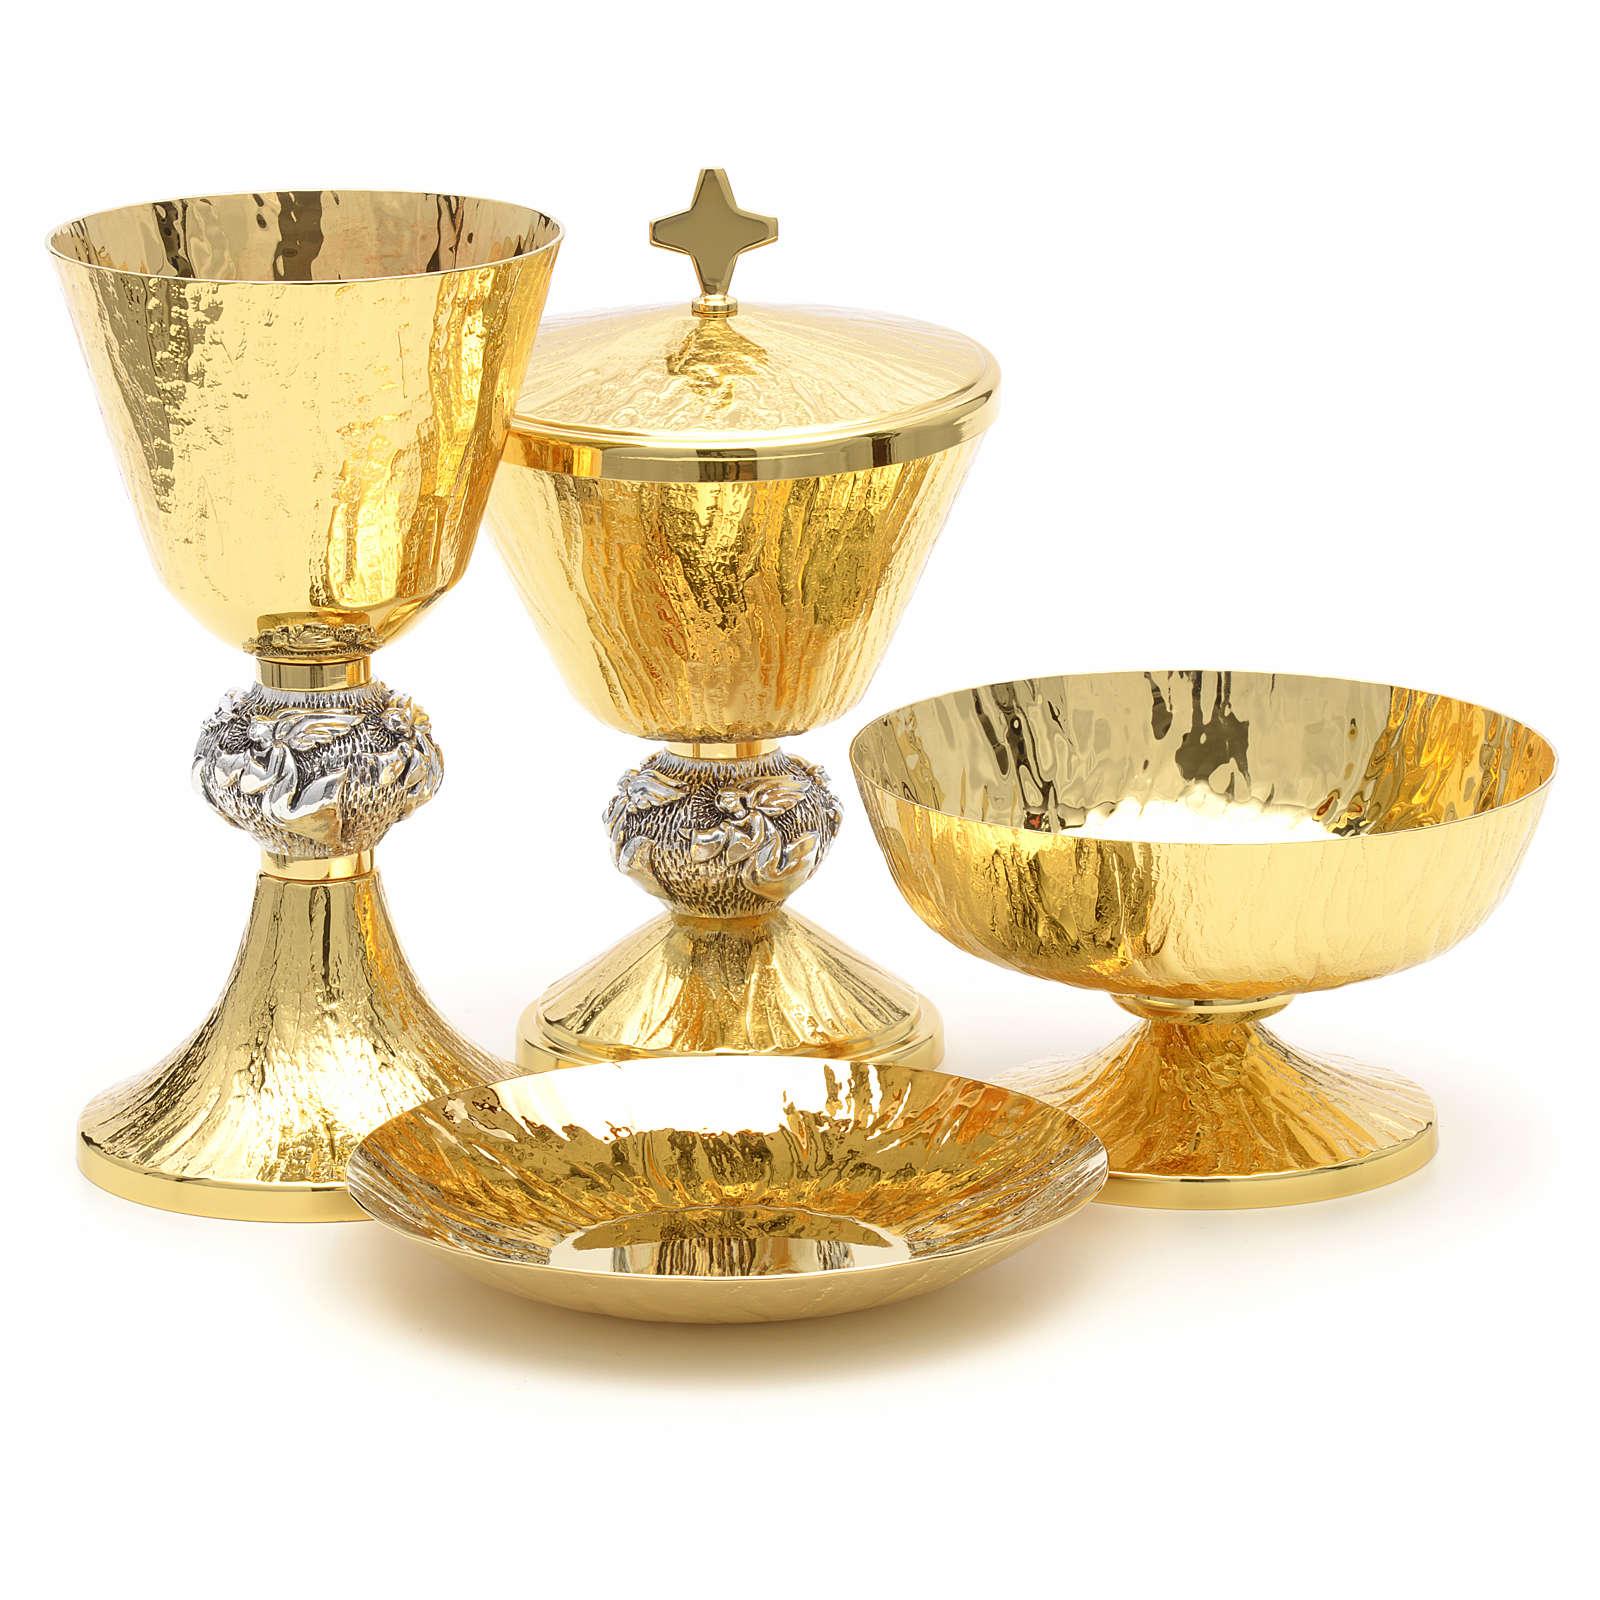 Kielich puszka i patena Anioły rzeźbiony mosiądz srebro 4